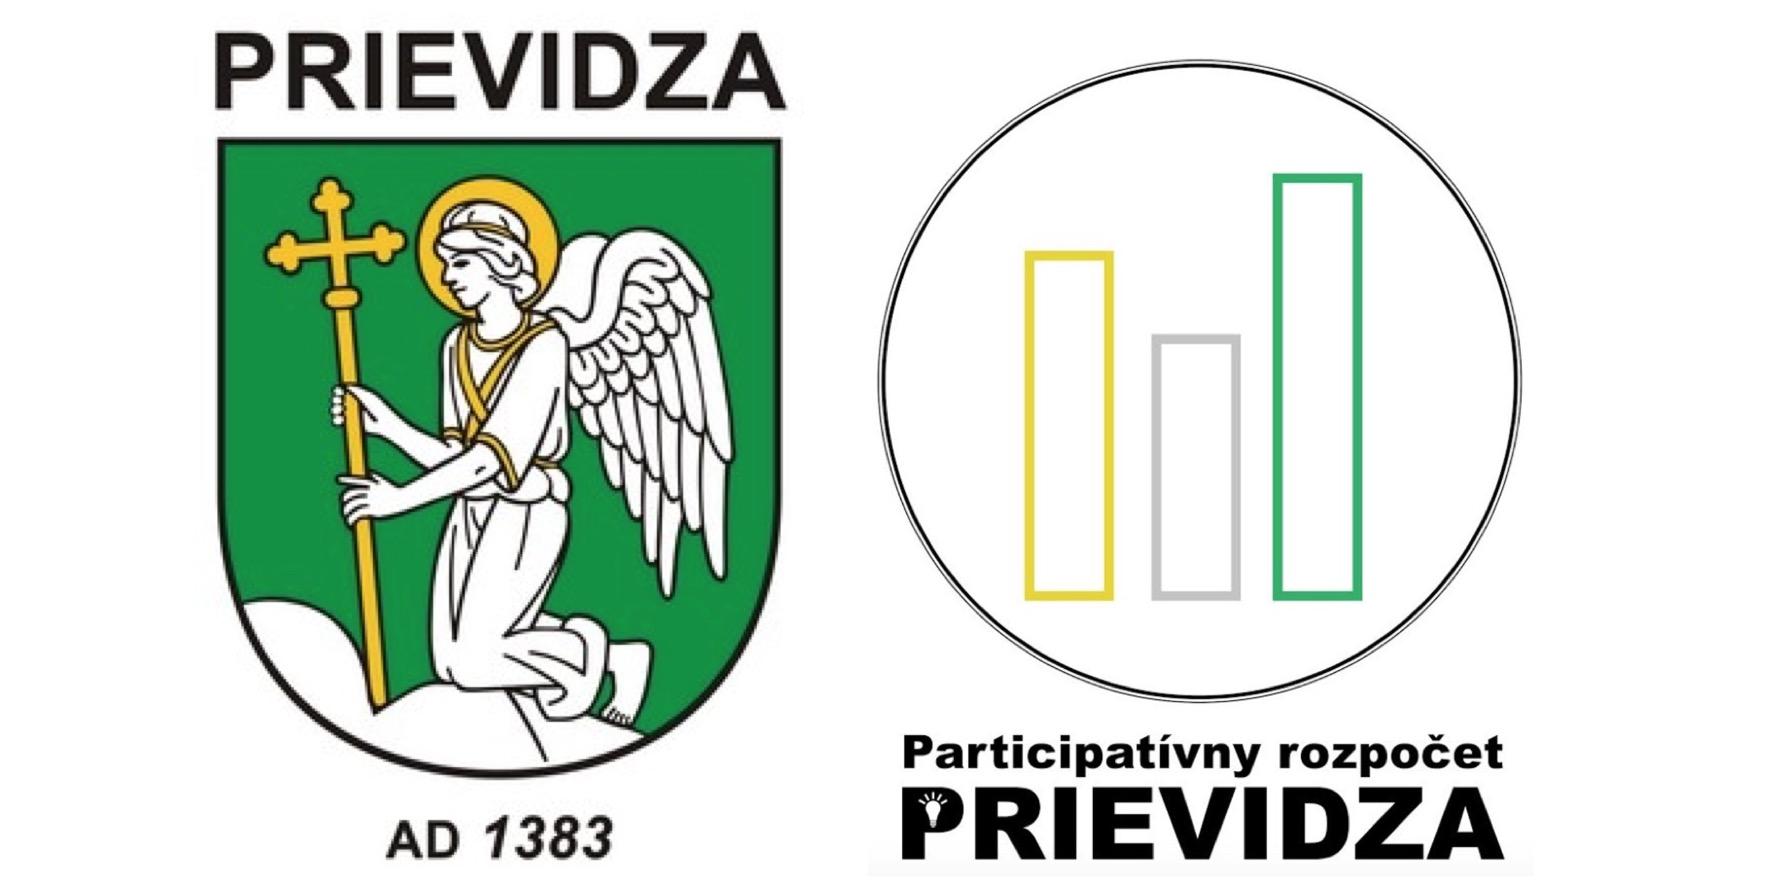 Video: Projekty obyvateľov pomáhajú mestu Prievidza cez nový ročník participatívneho rozpočtu